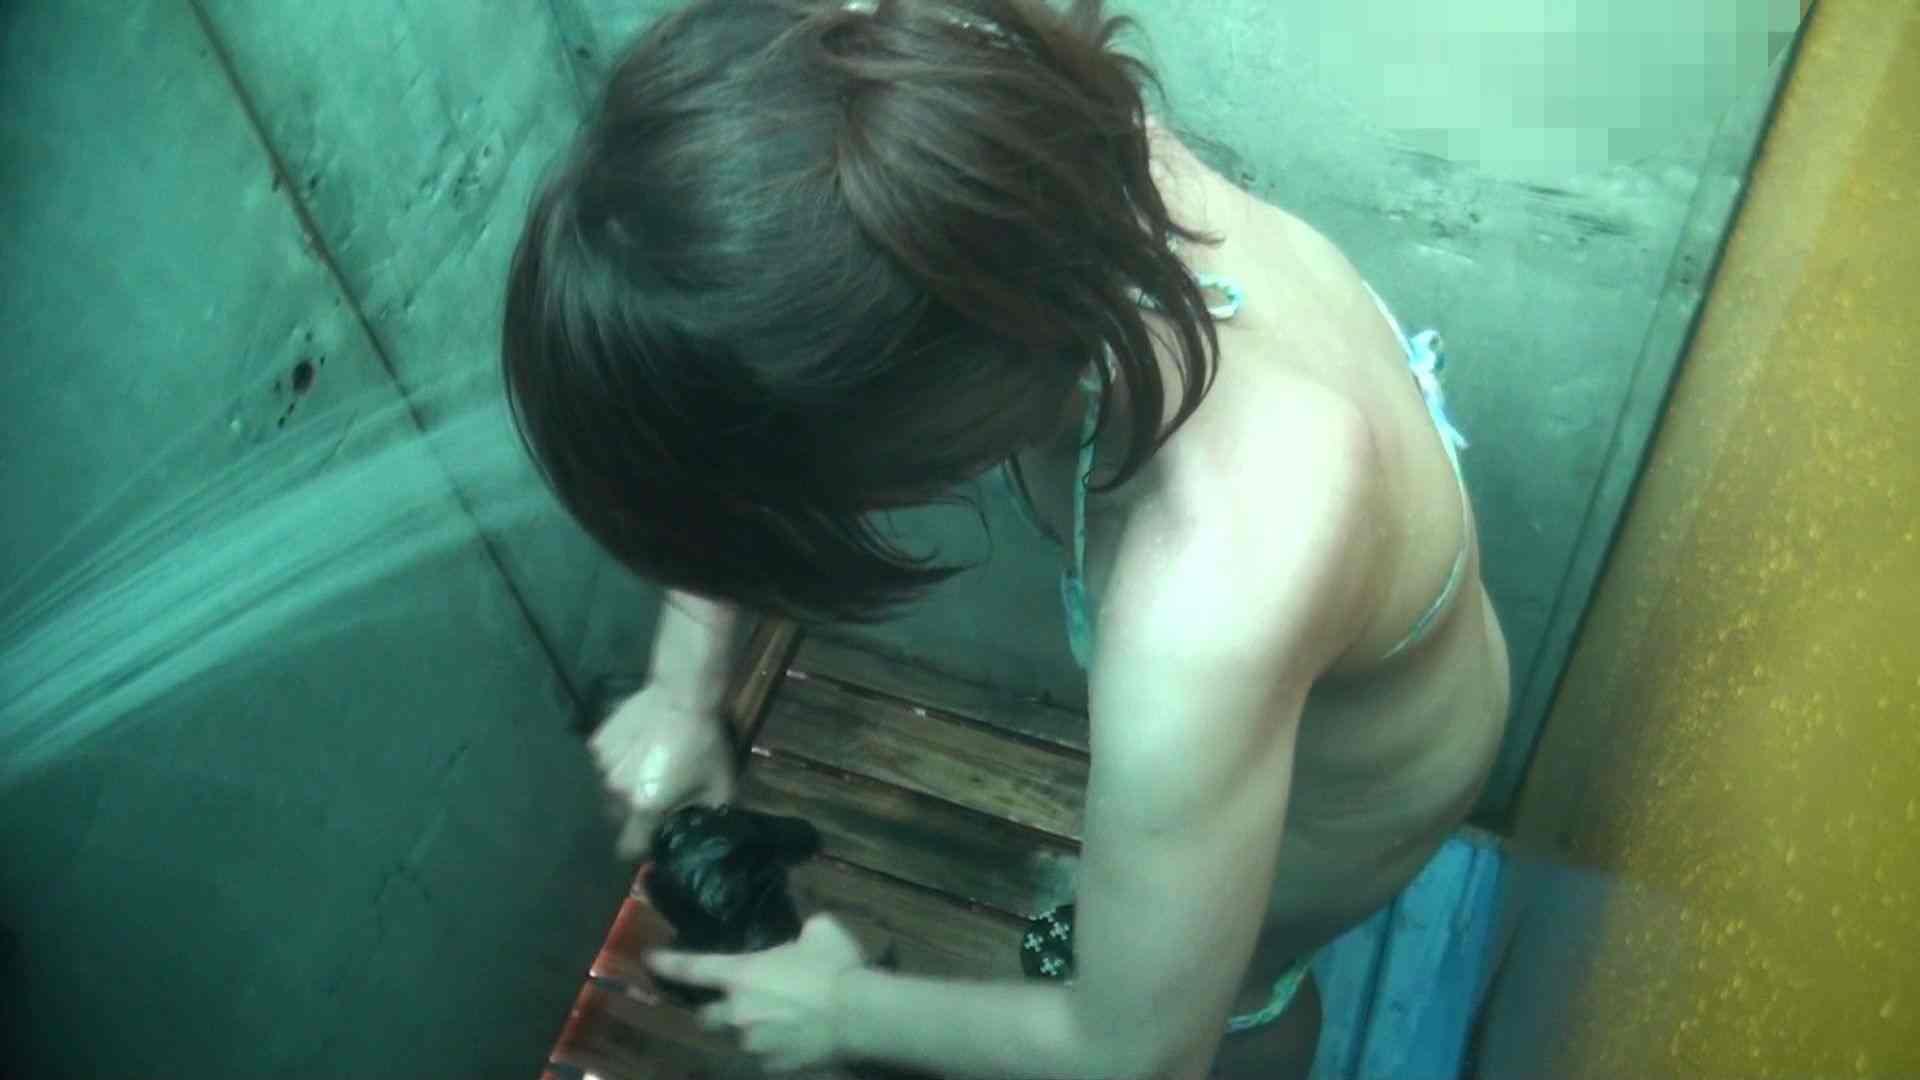 シャワールームは超!!危険な香りVol.15 残念ですが乳首未確認 マンコの砂は入念に OL女体 盗撮動画紹介 48連発 42